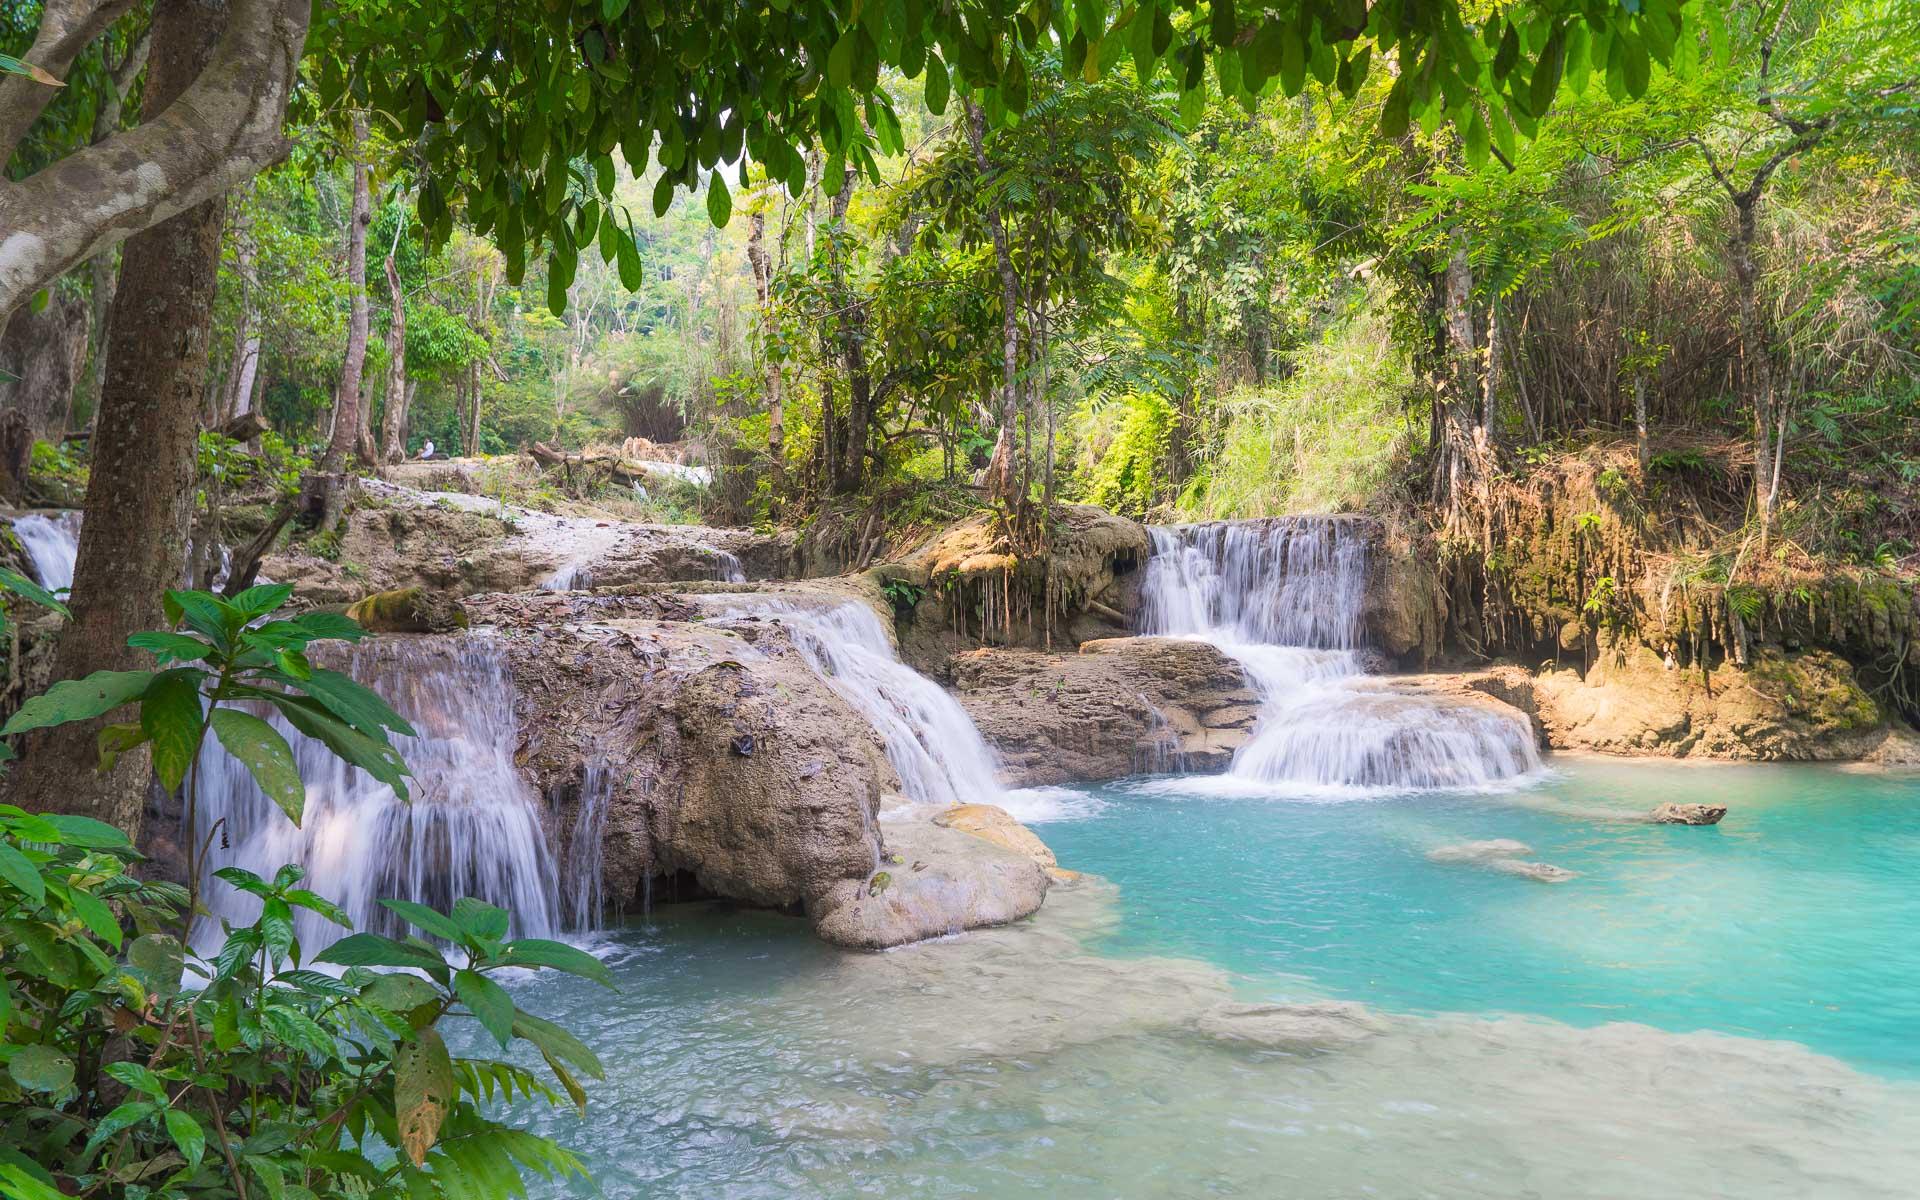 Lesvoyageuses-voyage-laos-luang-prabang-Kuang-si-cascades-1